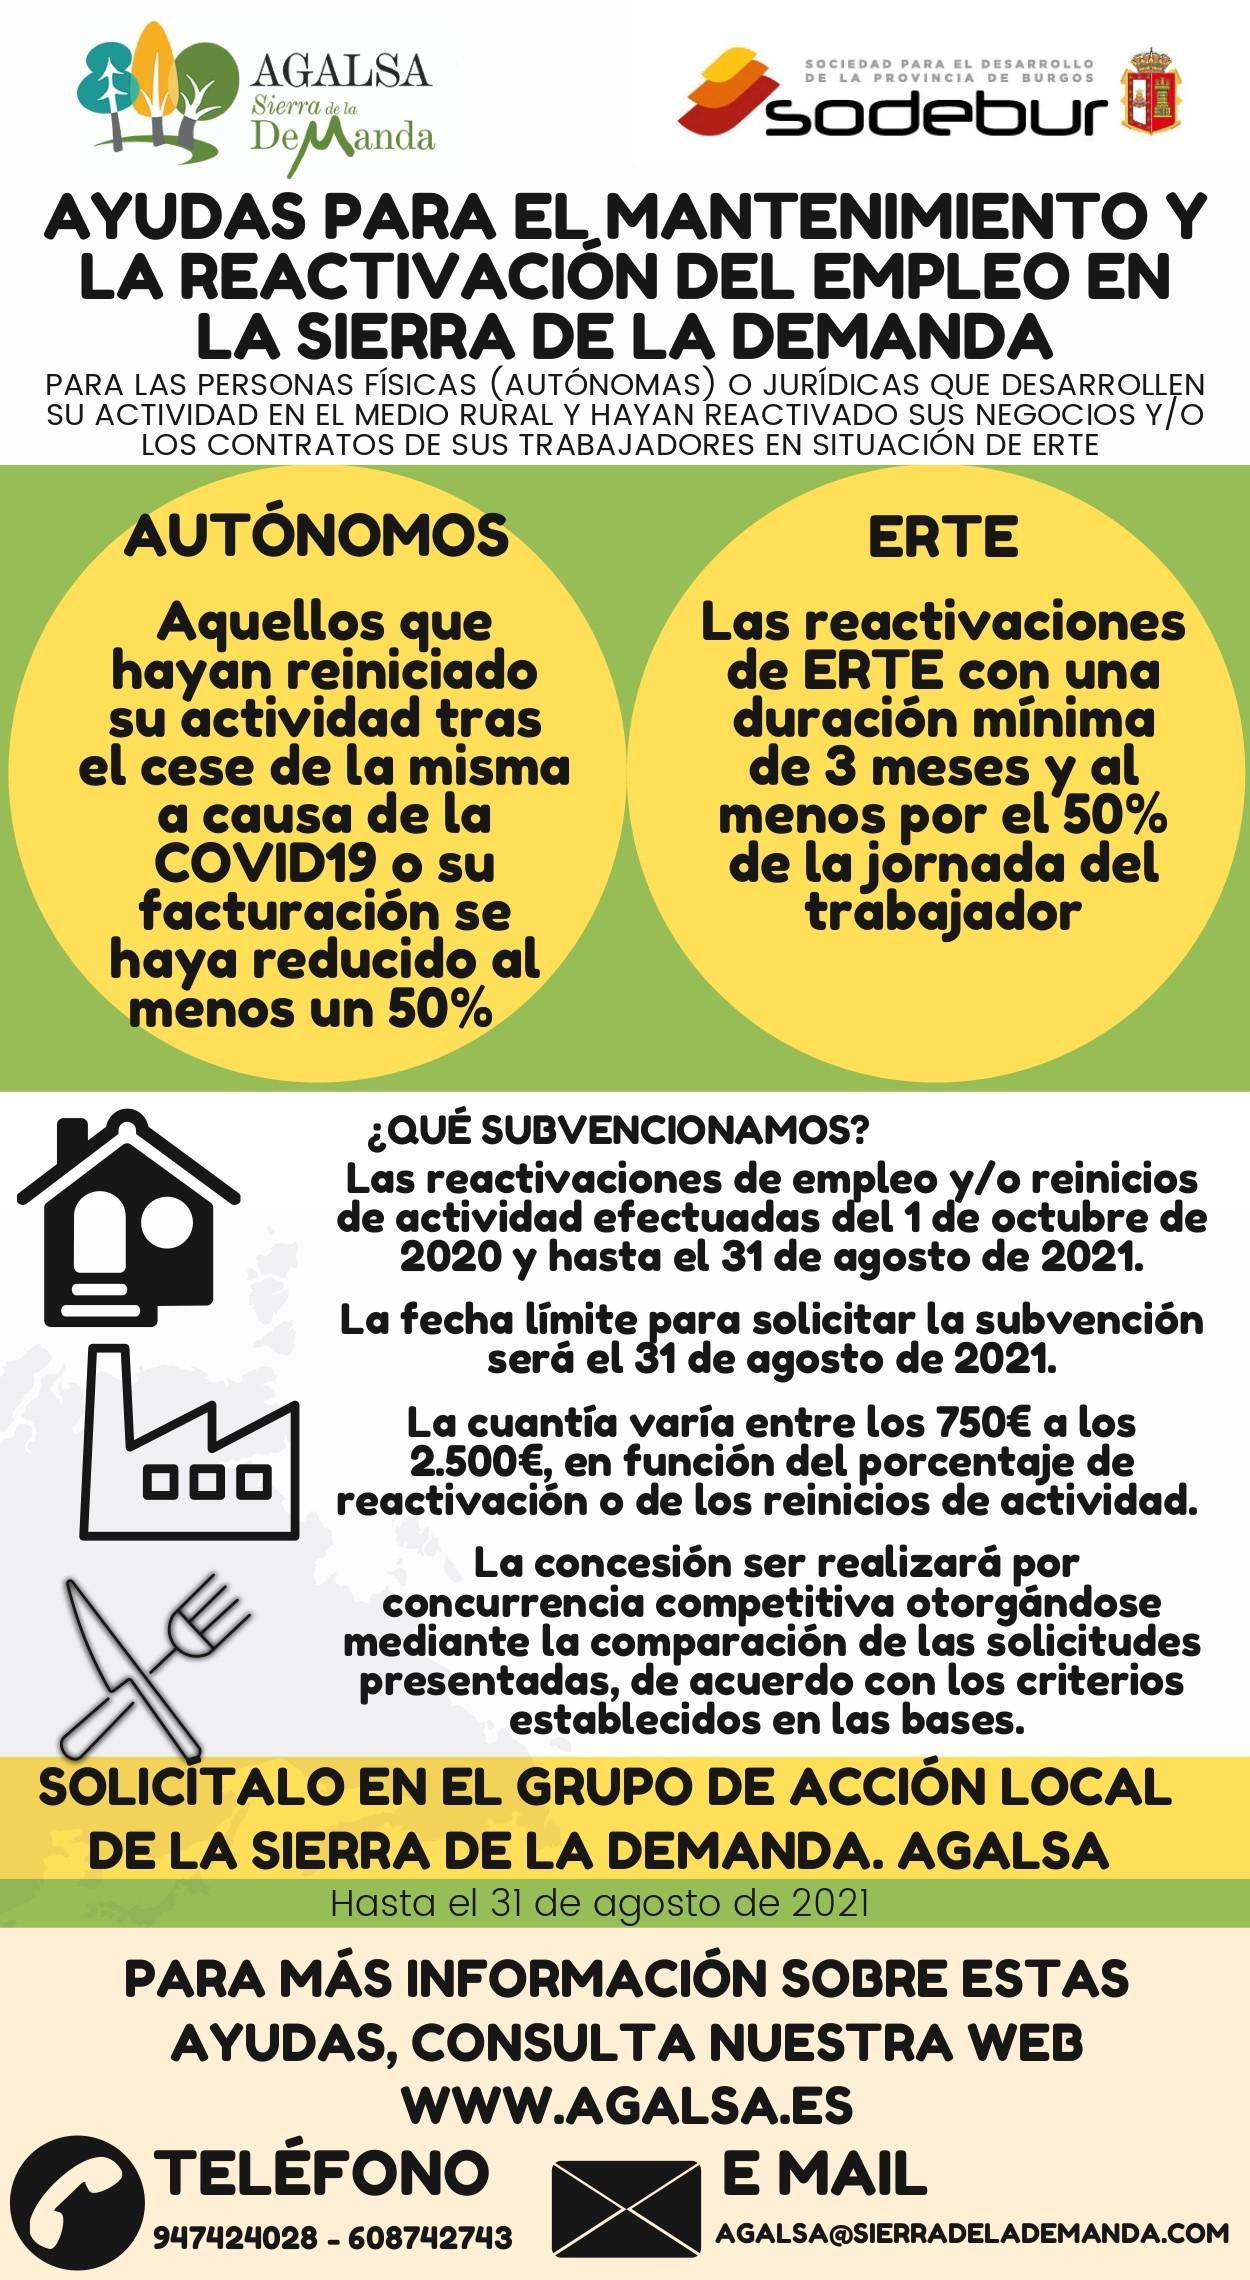 AGALSA contará con nuevos fondos para mantener y reactivar el empleo en la Sierra de la Demanda, gracias al nuevo convenio que se ha firmado con SODEBUR